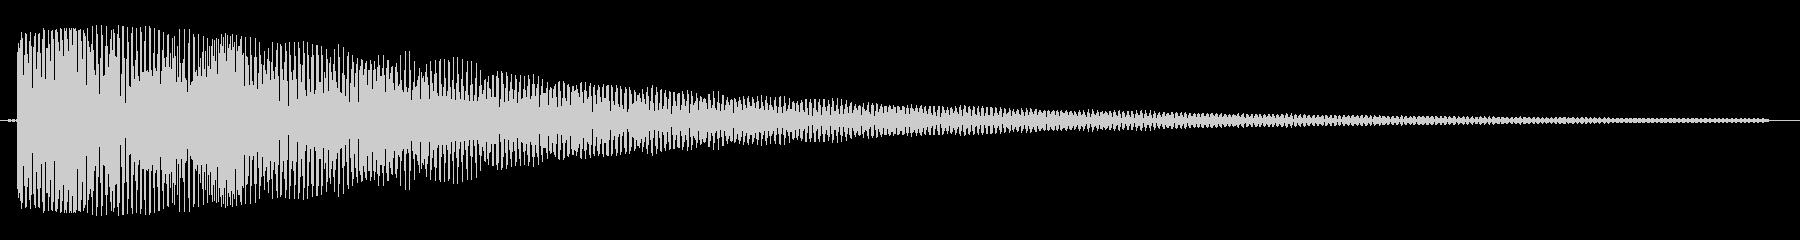 トゥワワウィ〜〜ンンの未再生の波形